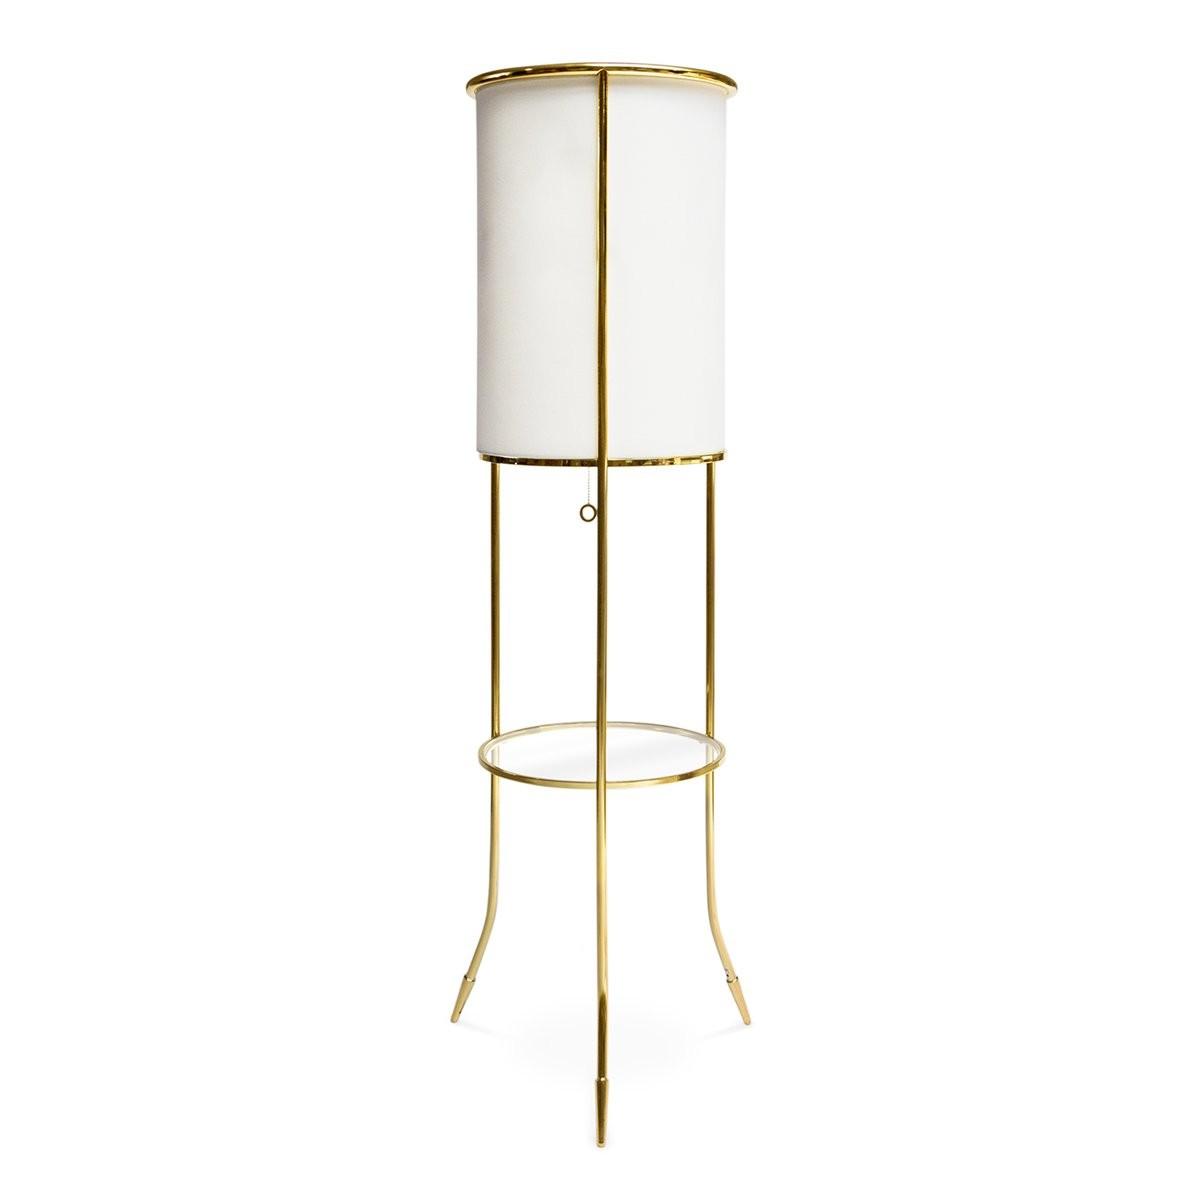 Jonathan Adler I Maxime Floor Lamp